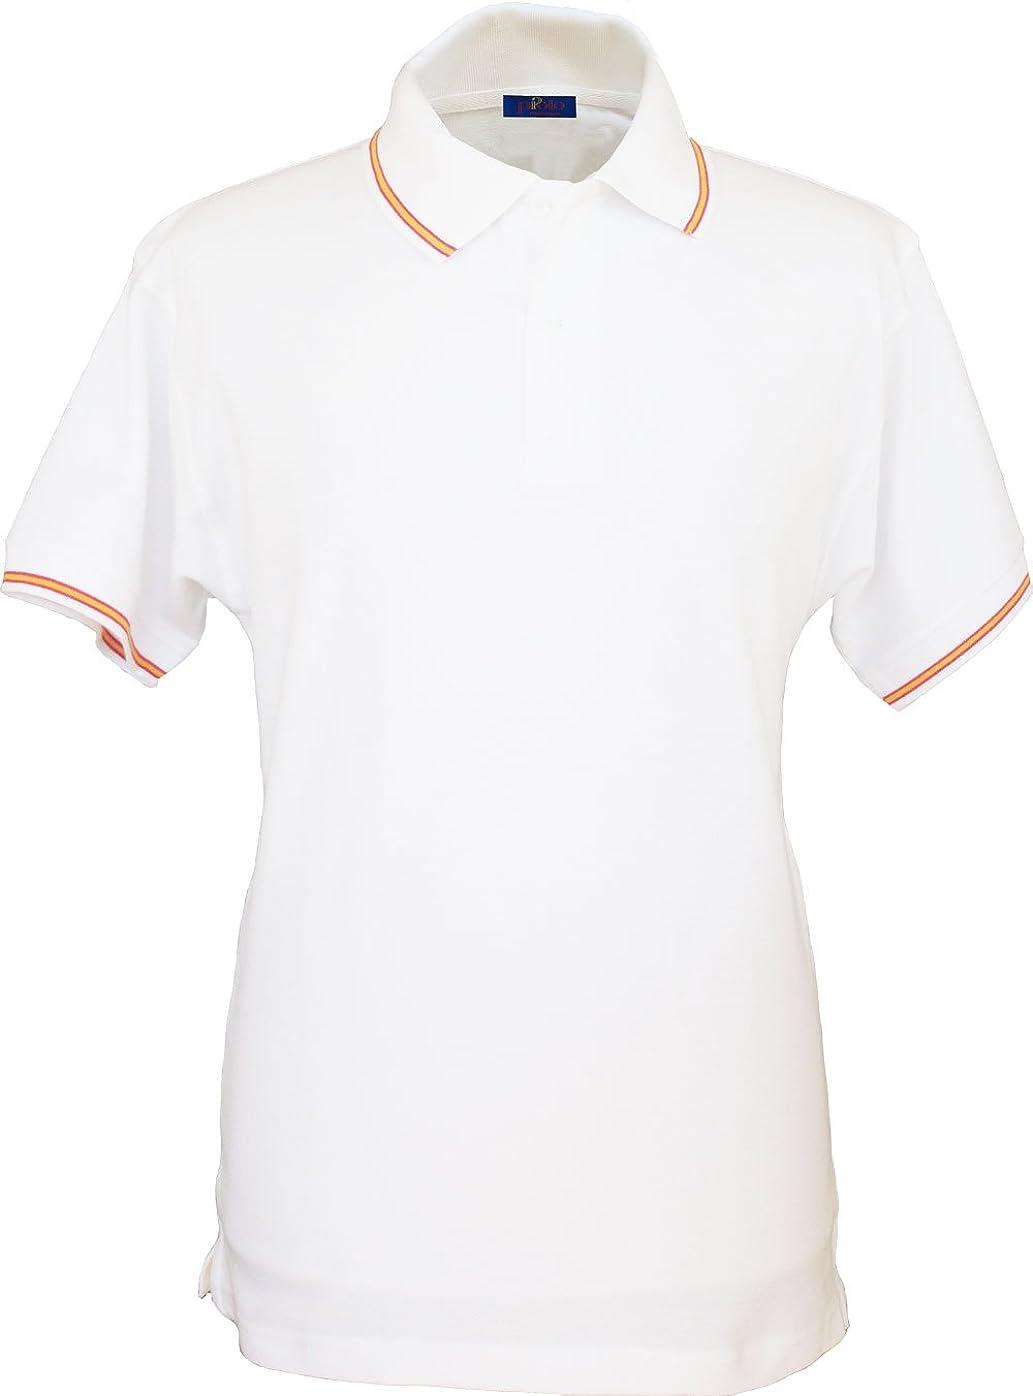 Pi2010 - Polo España Hombre con Bandera en Cuello y Mangas, Blanco, 100% algodón: Amazon.es: Ropa y accesorios